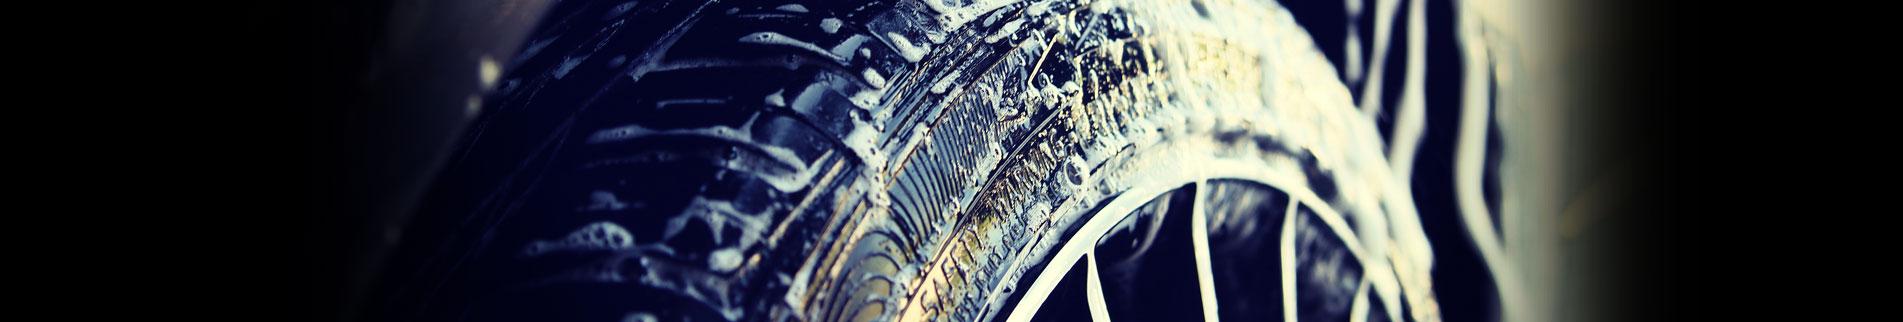 car-panorama-02